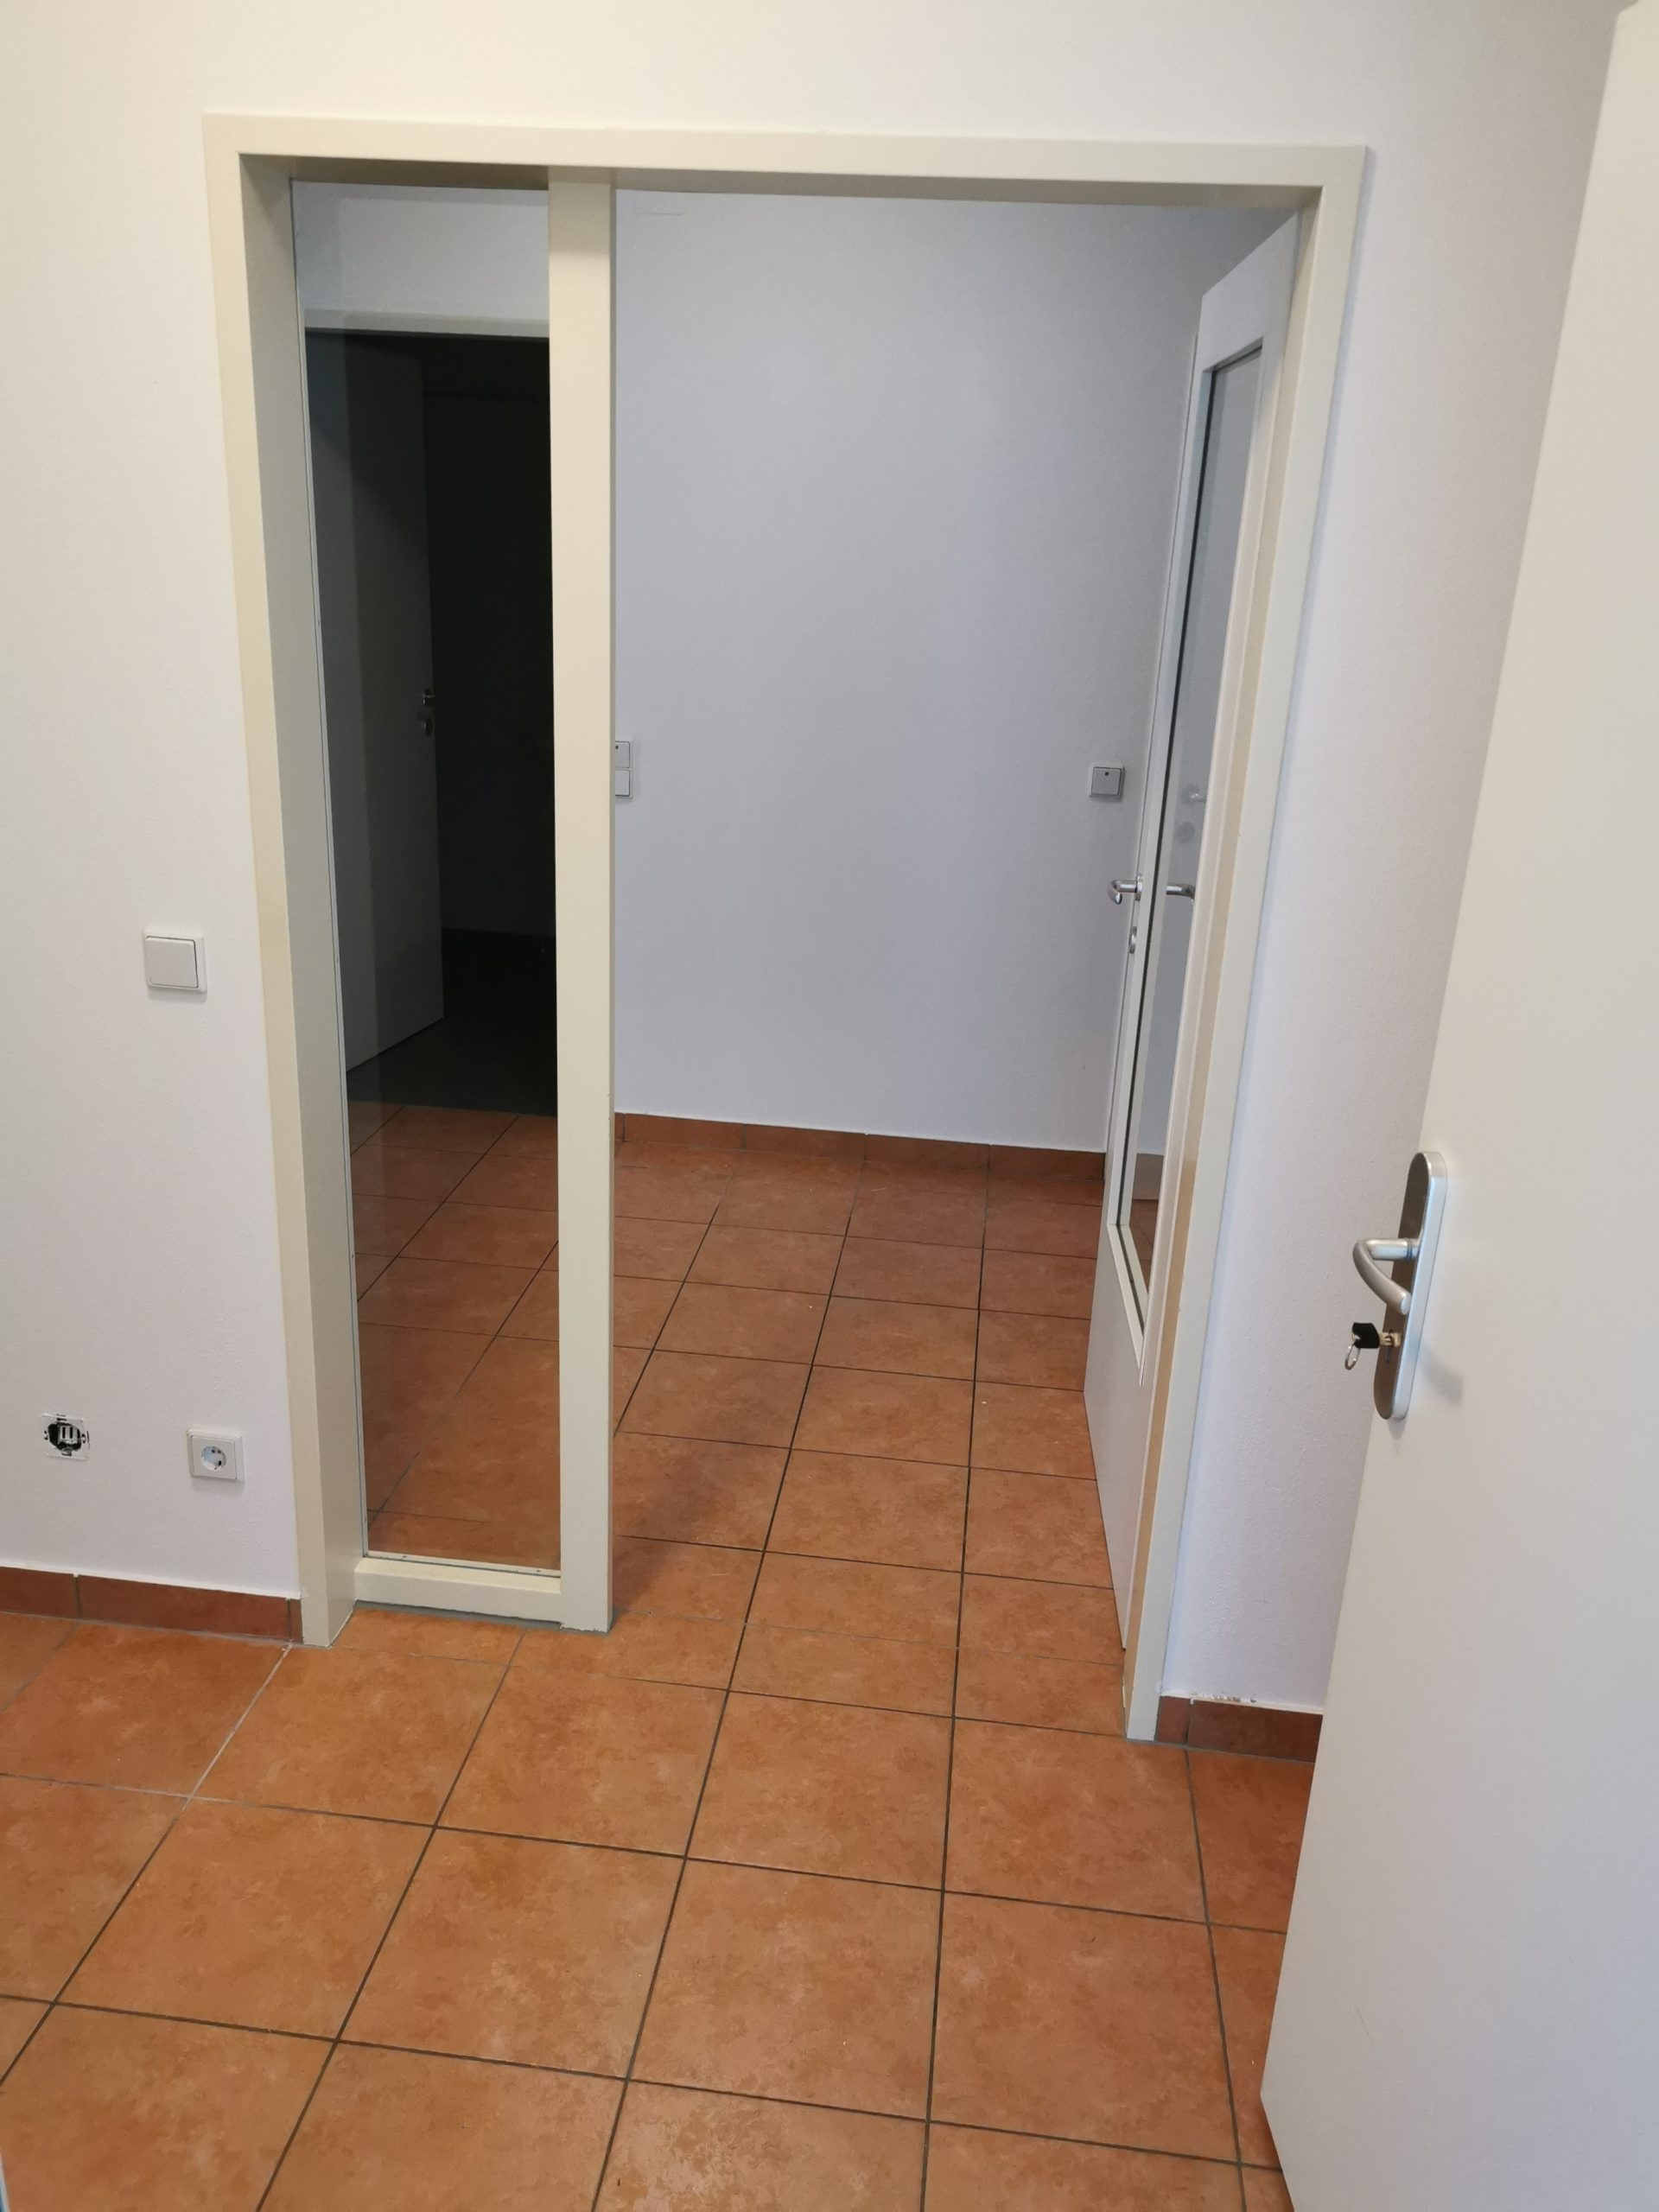 Immobilie von Kamptal in 2136 Laa an der Thaya, Mistelbach, Laa/ Thaya VII - Top 204 (Neubau) #5